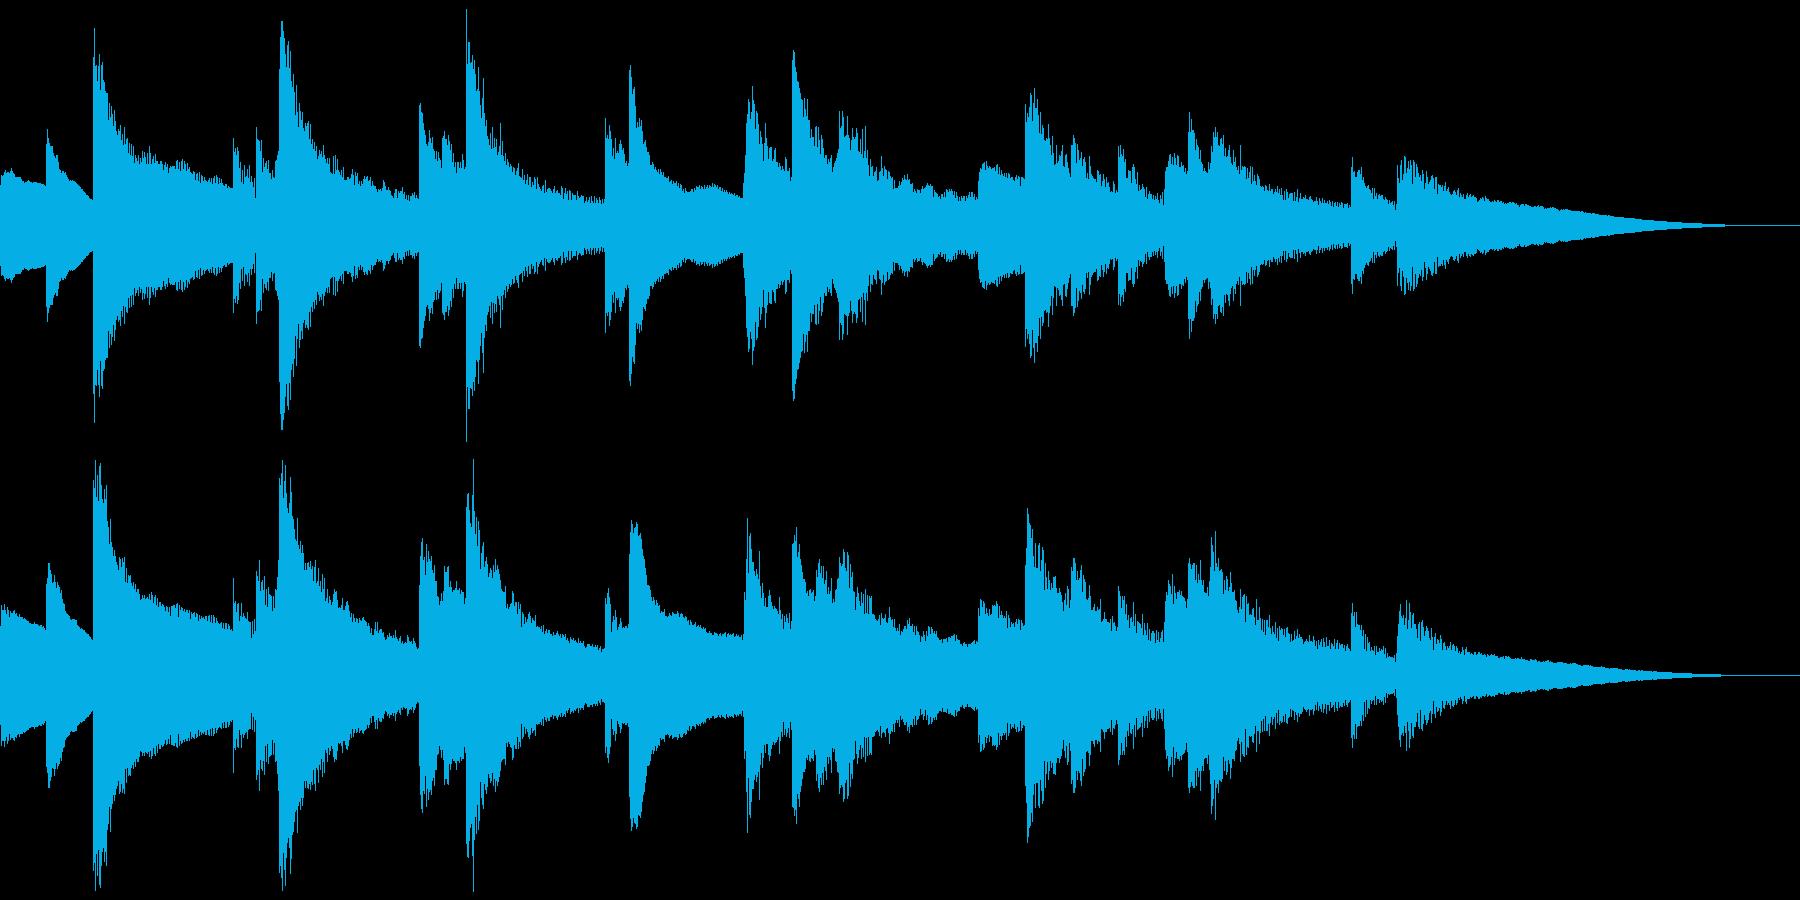 おしゃれで雰囲気があるBGMの再生済みの波形